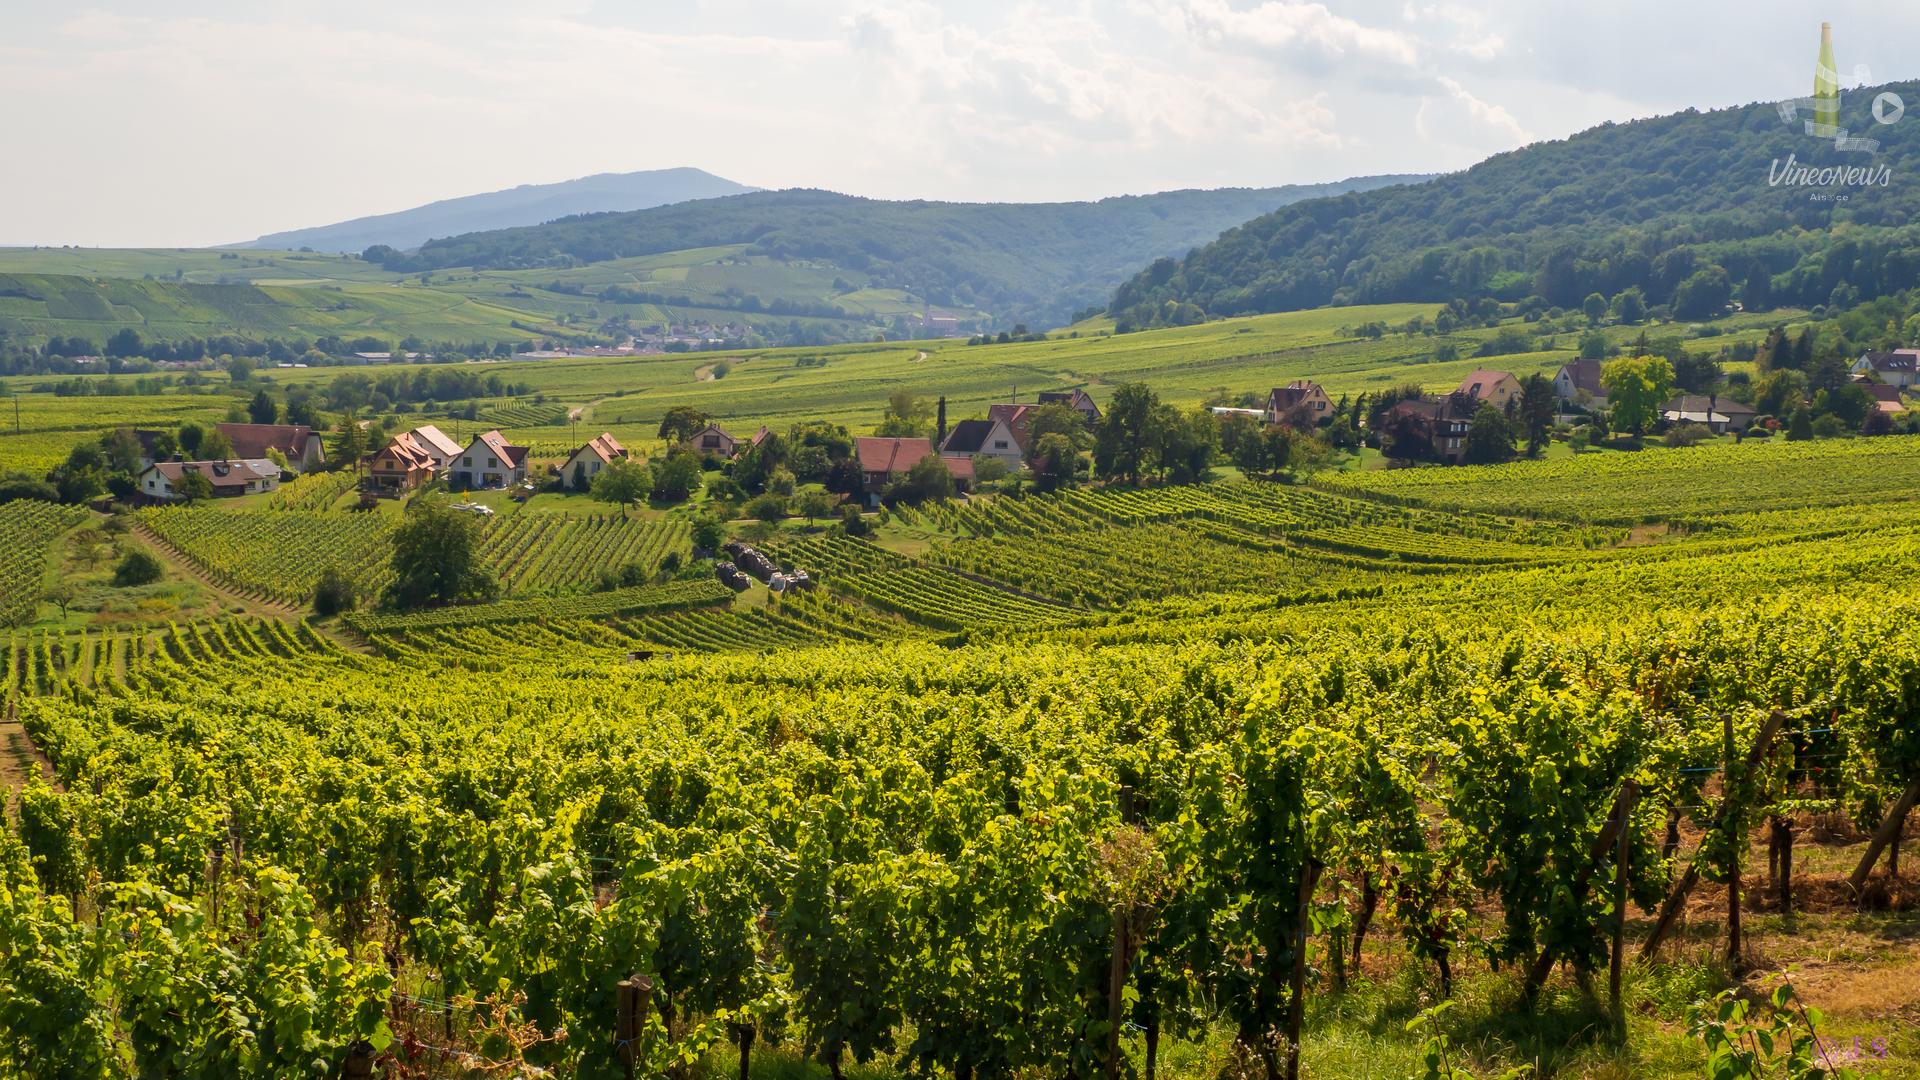 Météo radieuse pour les vins Bio d'Alsace